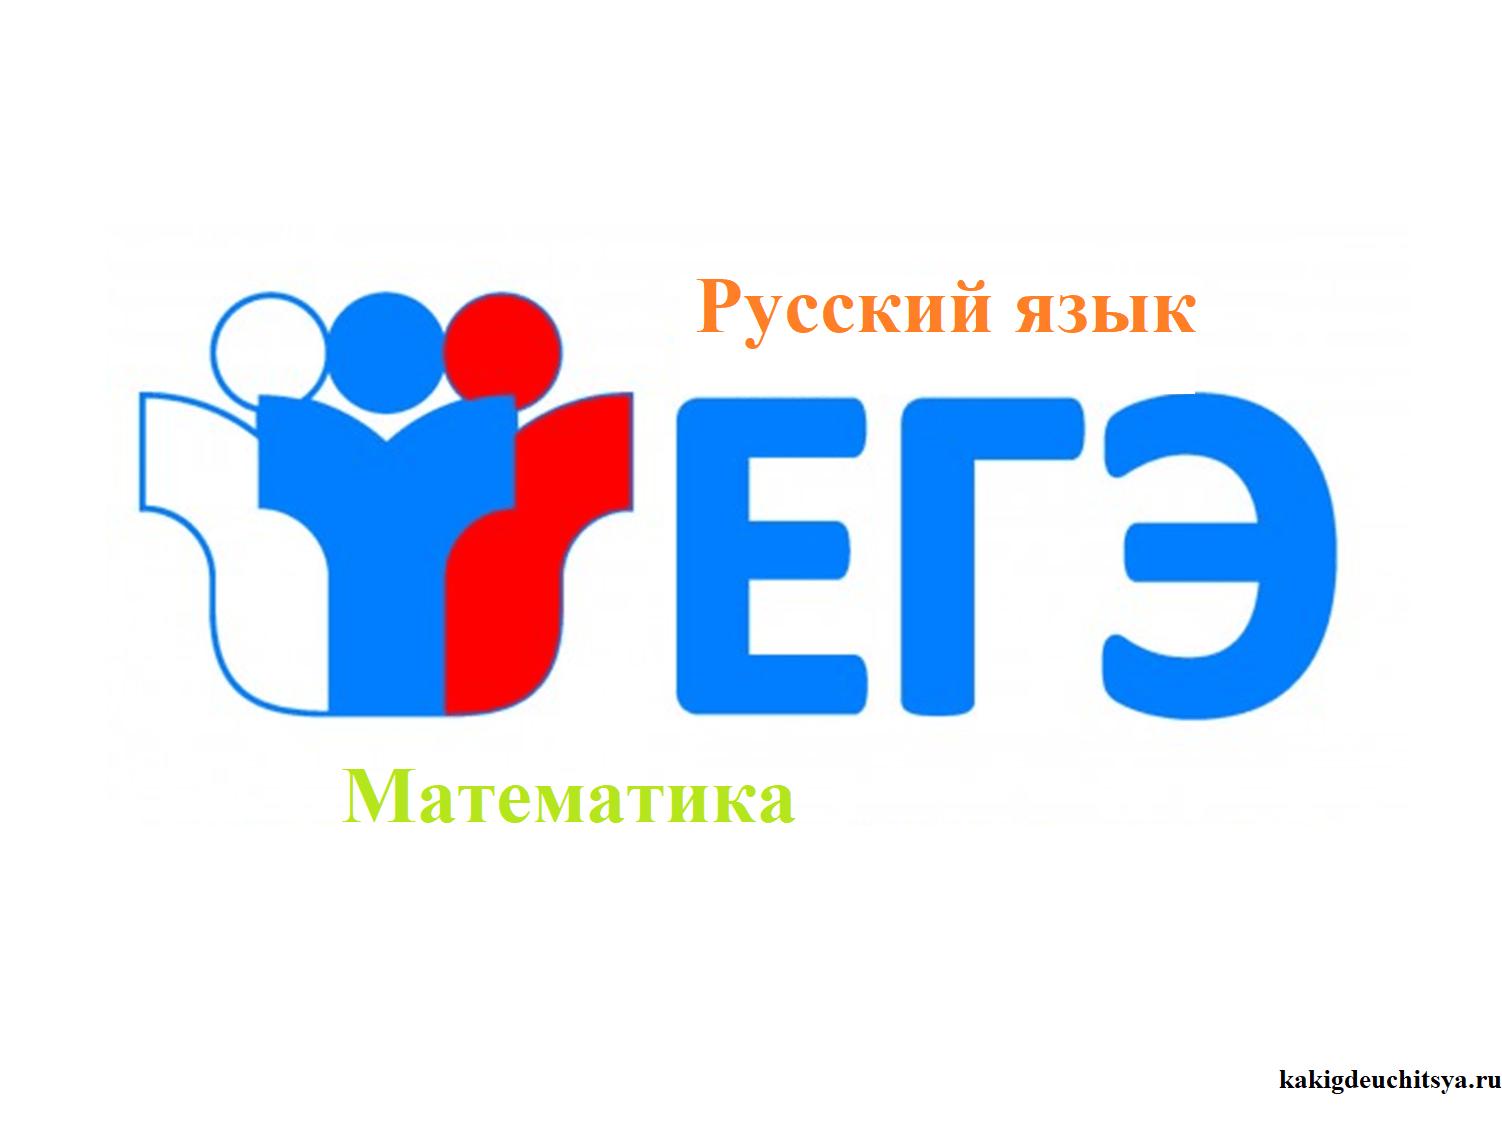 ЕГЭ русский язык математика